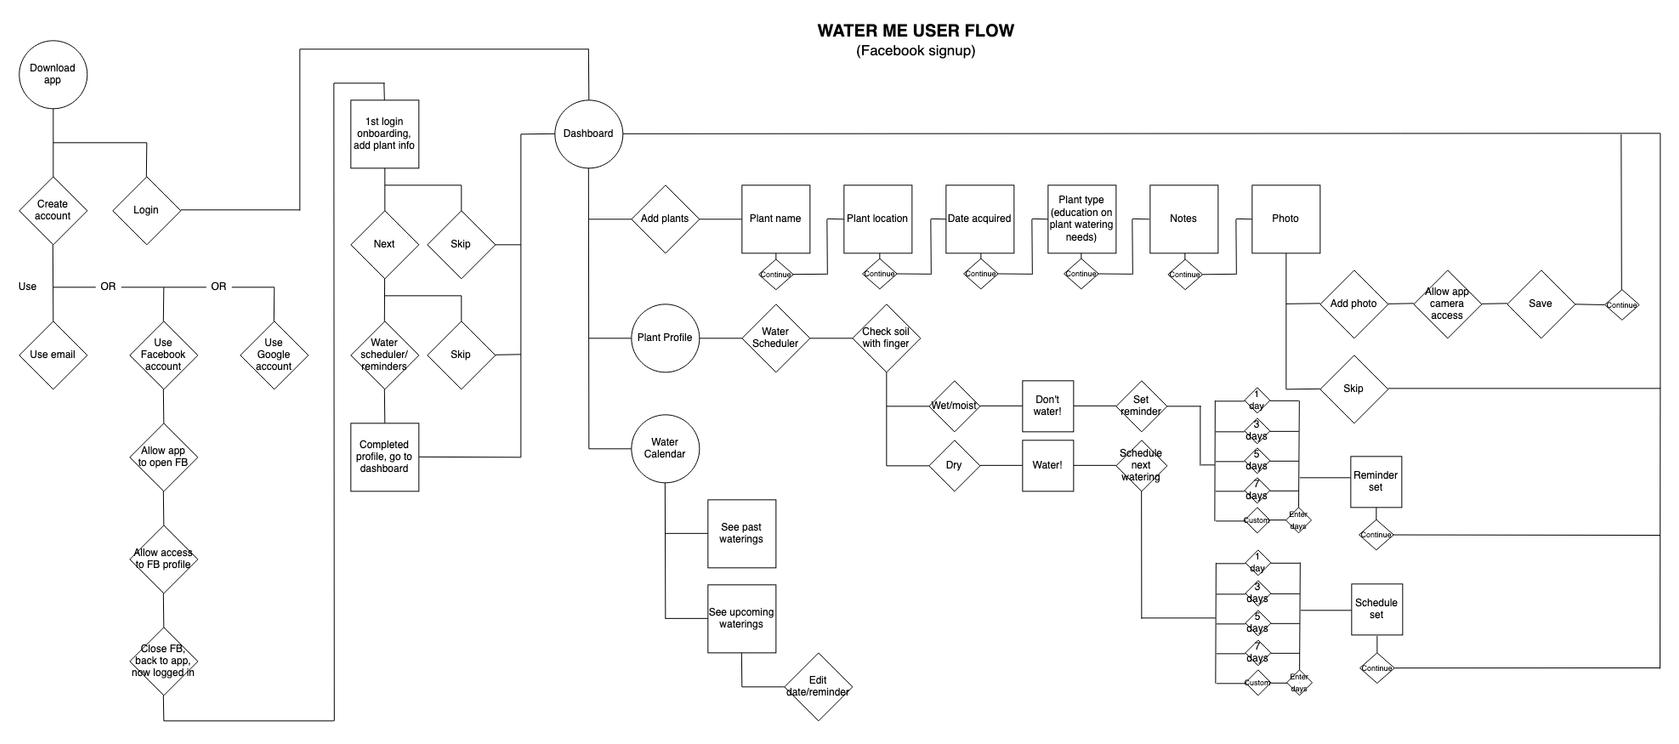 User Flow Facebook Signup v2